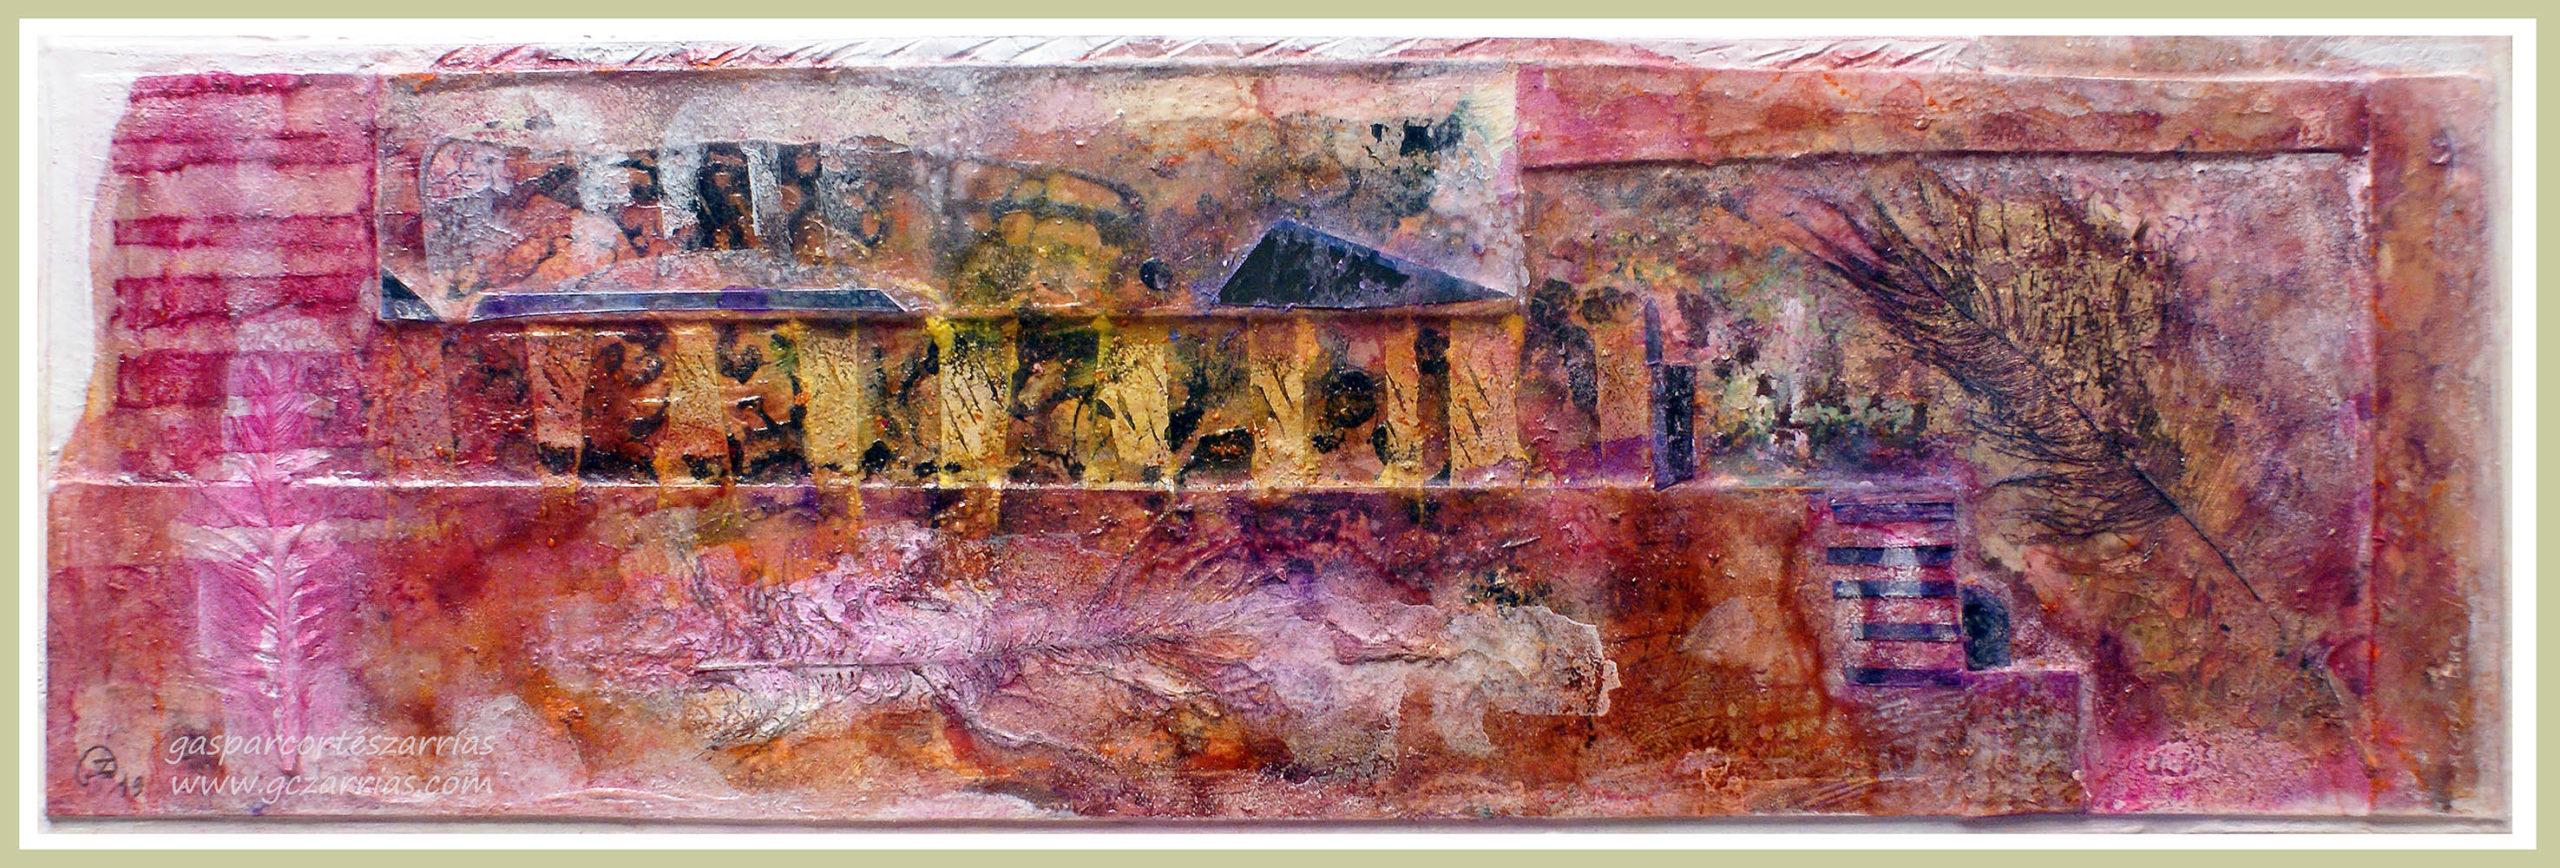 SECUENCIA Y PLUMAS III, ACASO UNA LLUVIA PERSISTENTE. Esmaltes, acrílicos, tintas chinas, rotuladores, pan de oro..., Sobre madera y cartón. 18,5 x 58 cm. Septiembre 2019.